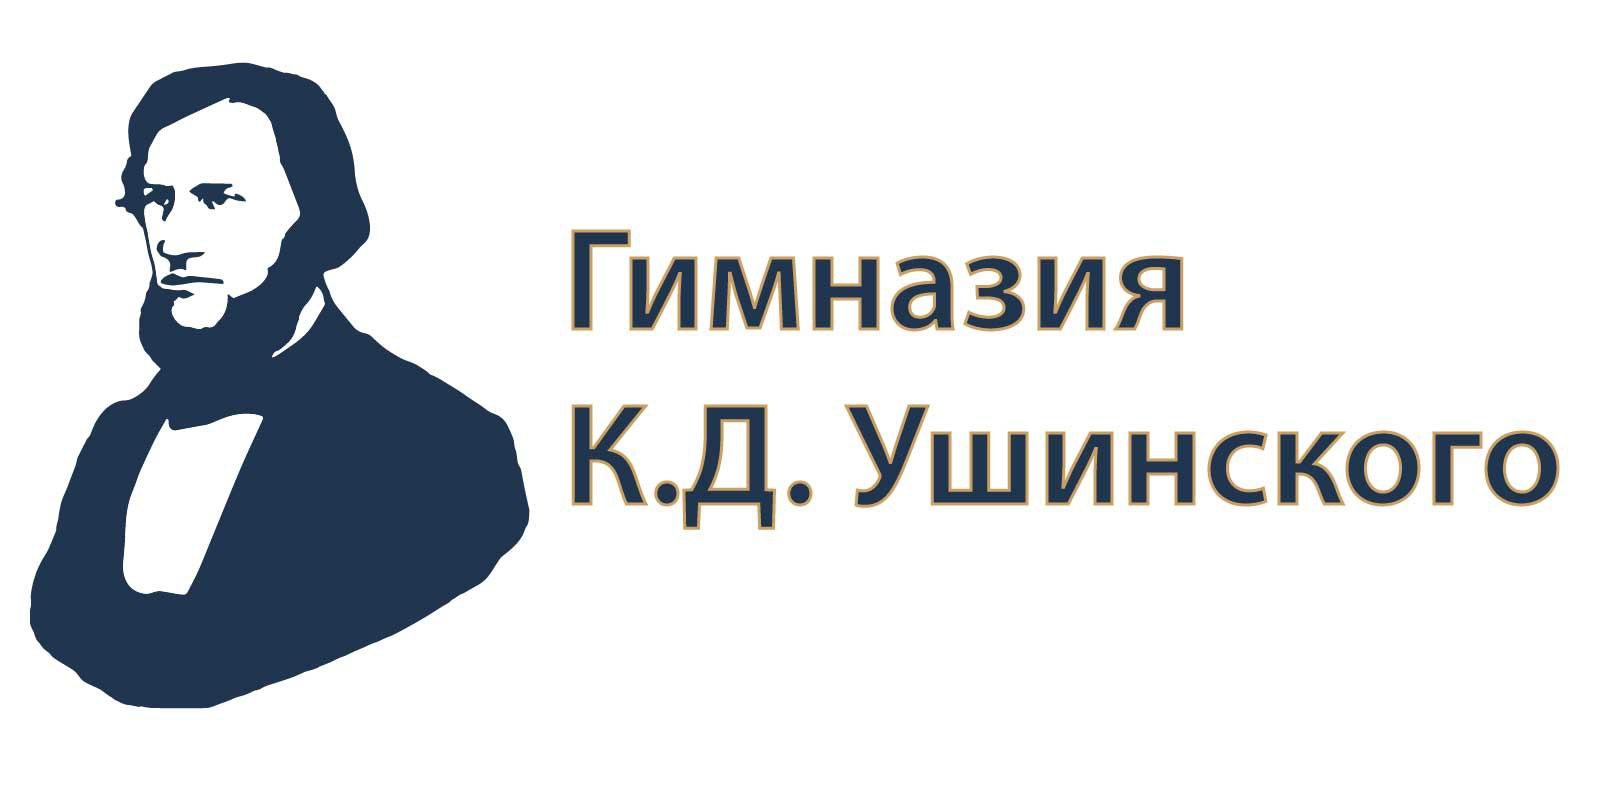 Гимназия К.Д. Ушинского